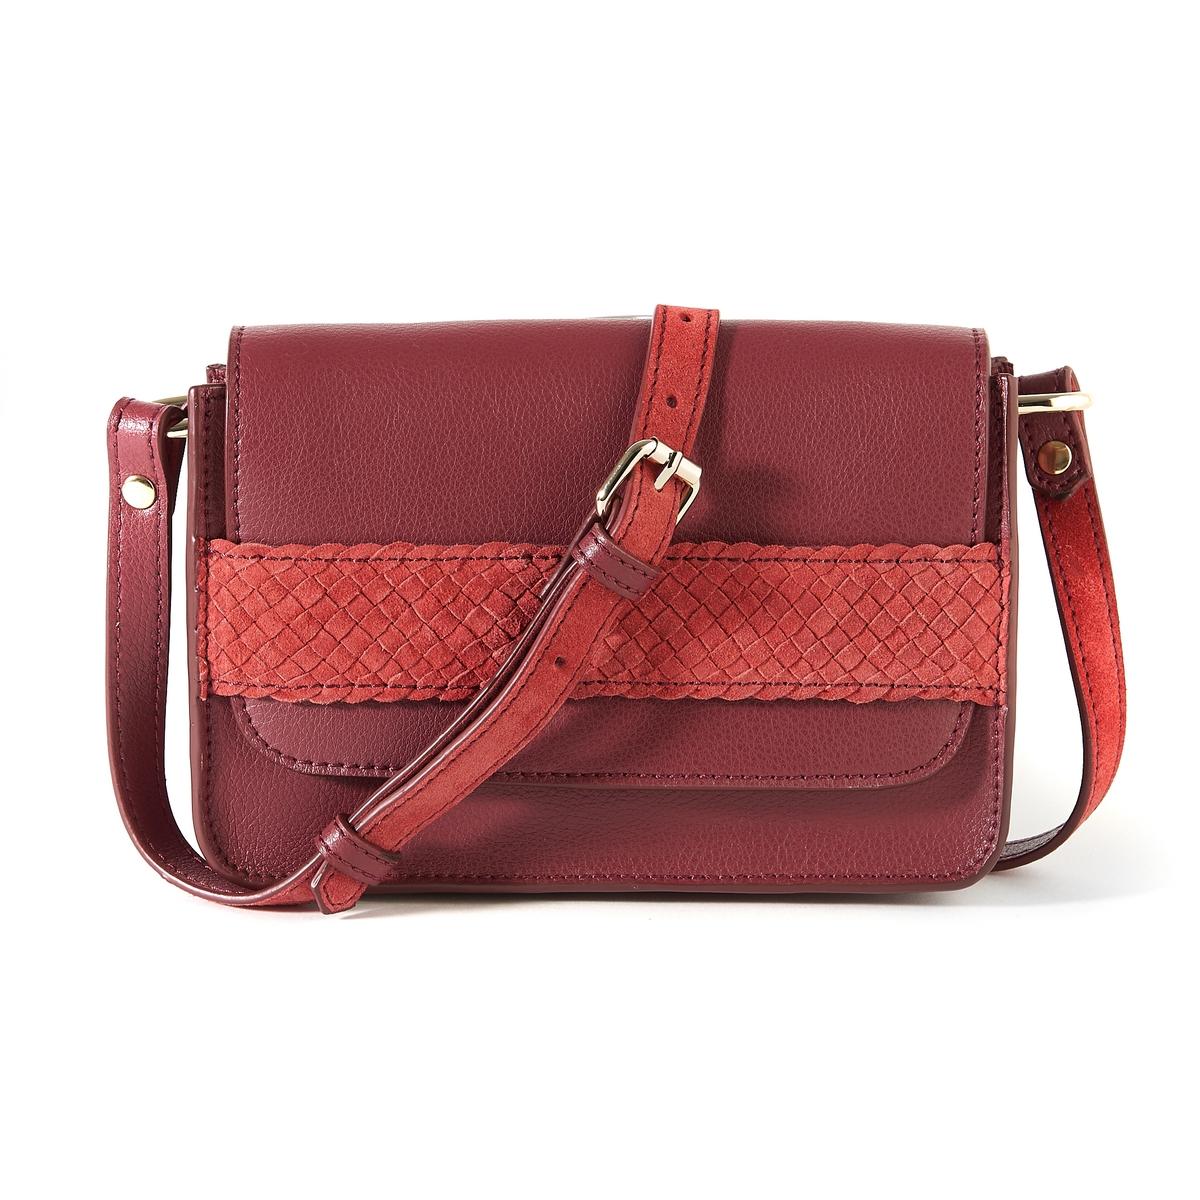 Клатч из кожиОписание:Замечательная сумка в форме клатча из кожи и невыделанной кожи : идеальная элегантная сумка для самого необходимого !Состав и описание :Материал верха  :  невыделанная кожа и яловичная кожа           подкладка : текстиль Размеры : Ш20 x В15 x Г5 смЗастежка : на магнитную кнопку Внутренние карманы : 1 карман на молнии и 1 карман для мобильного телефонаРегулируемый плечевой ременьНосить : на плече или в руках<br><br>Цвет: бордовый,черный